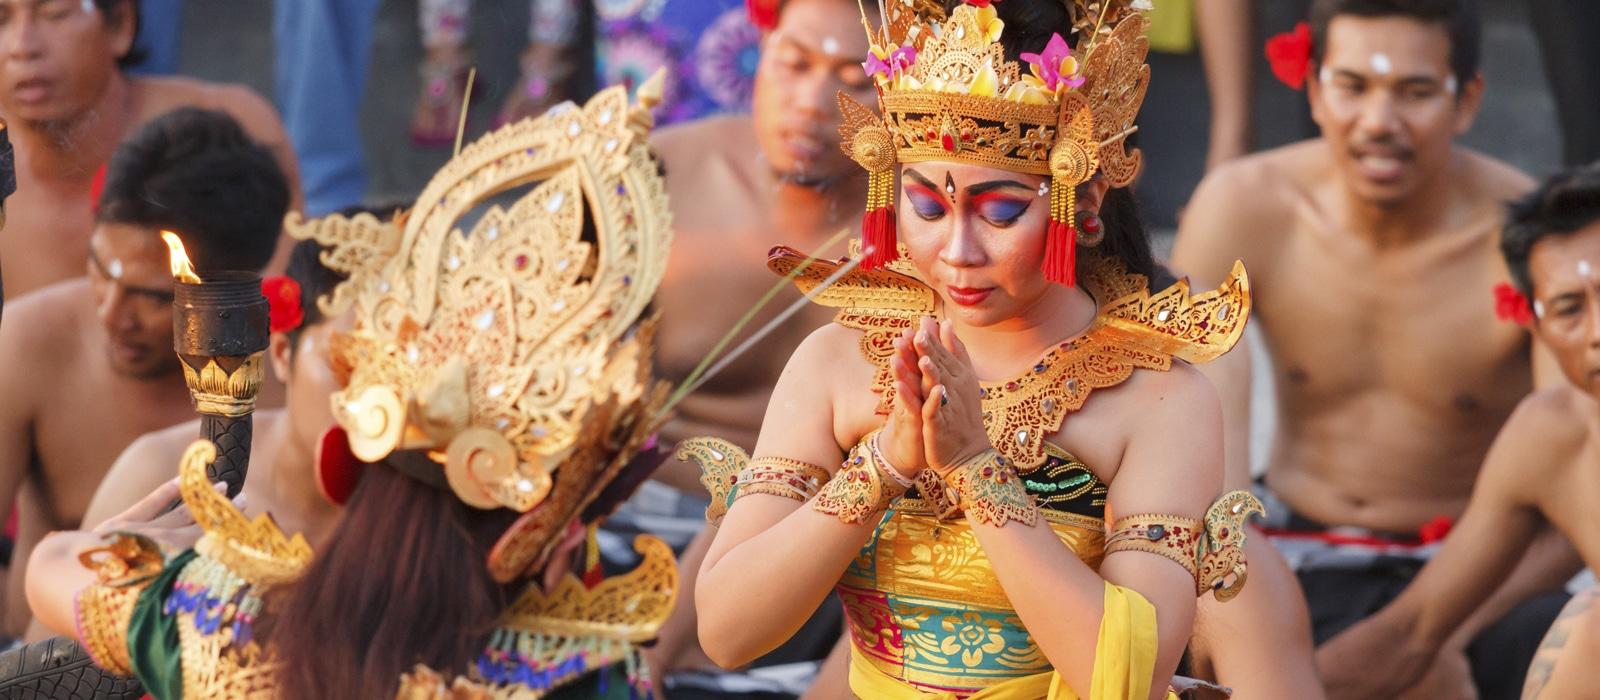 Bali, Indonésie - Les Routes du Monde